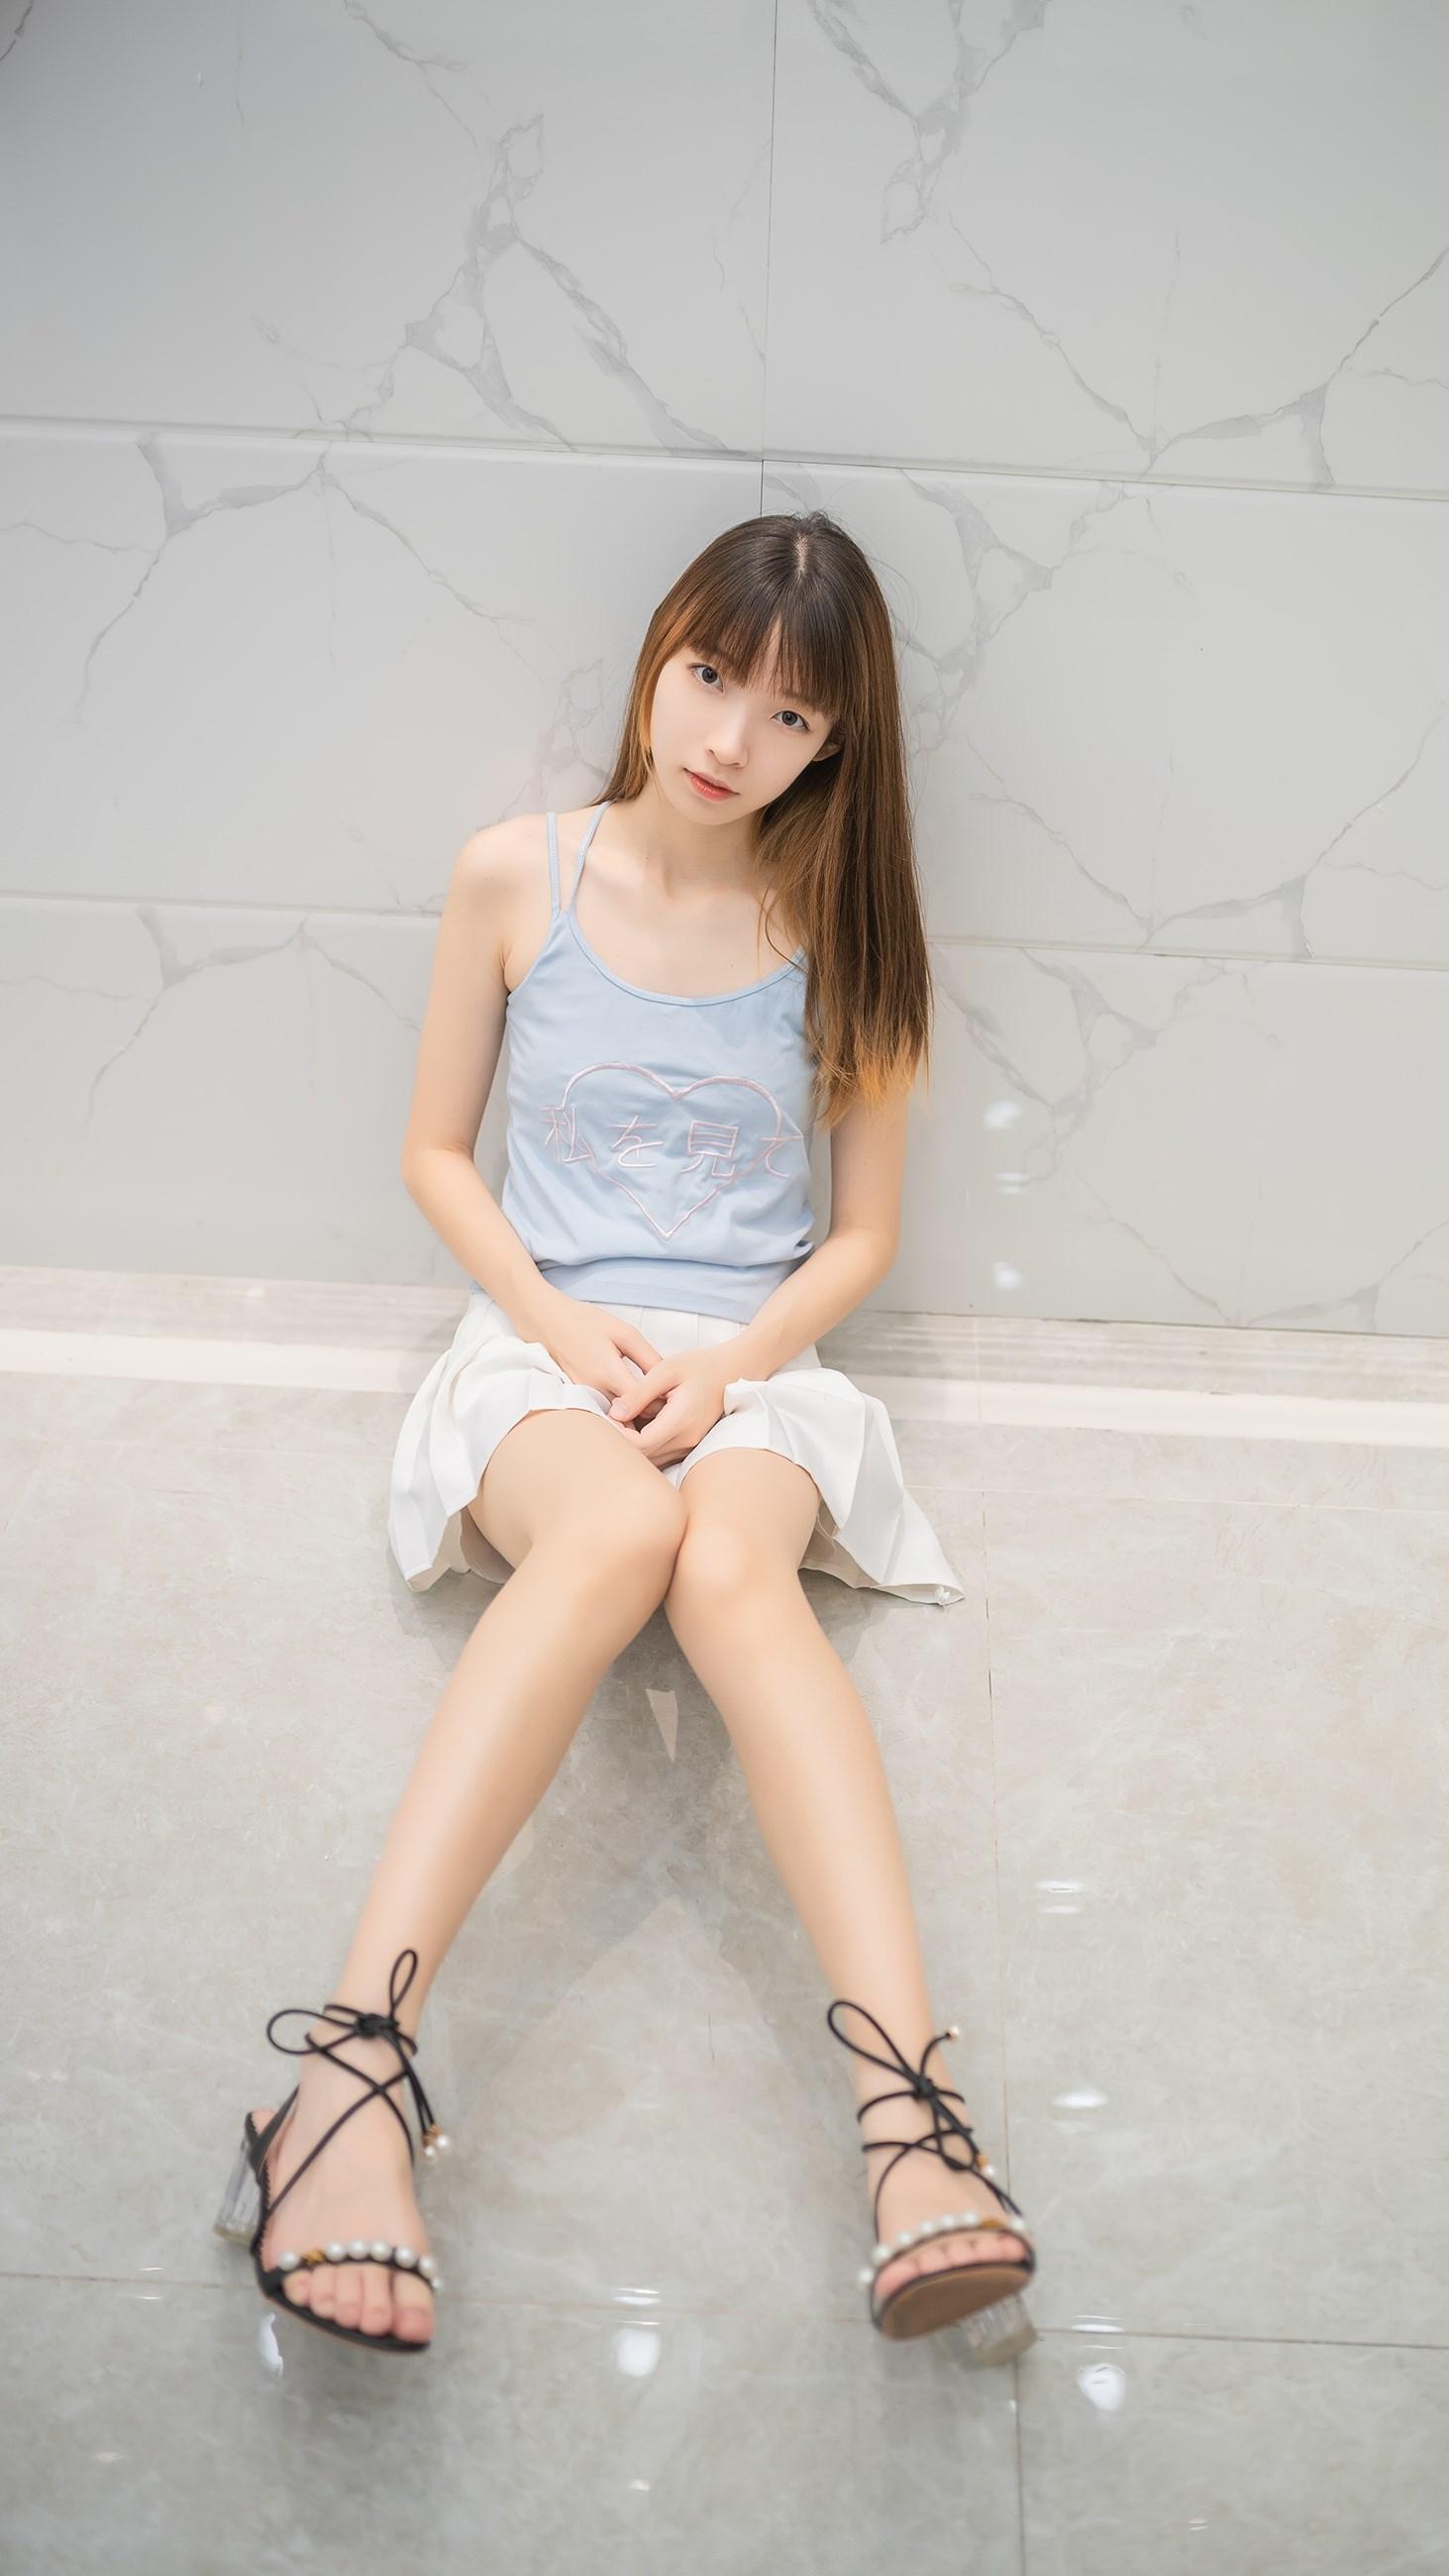 【兔玩映画】白裙果腿少女 兔玩映画 第16张